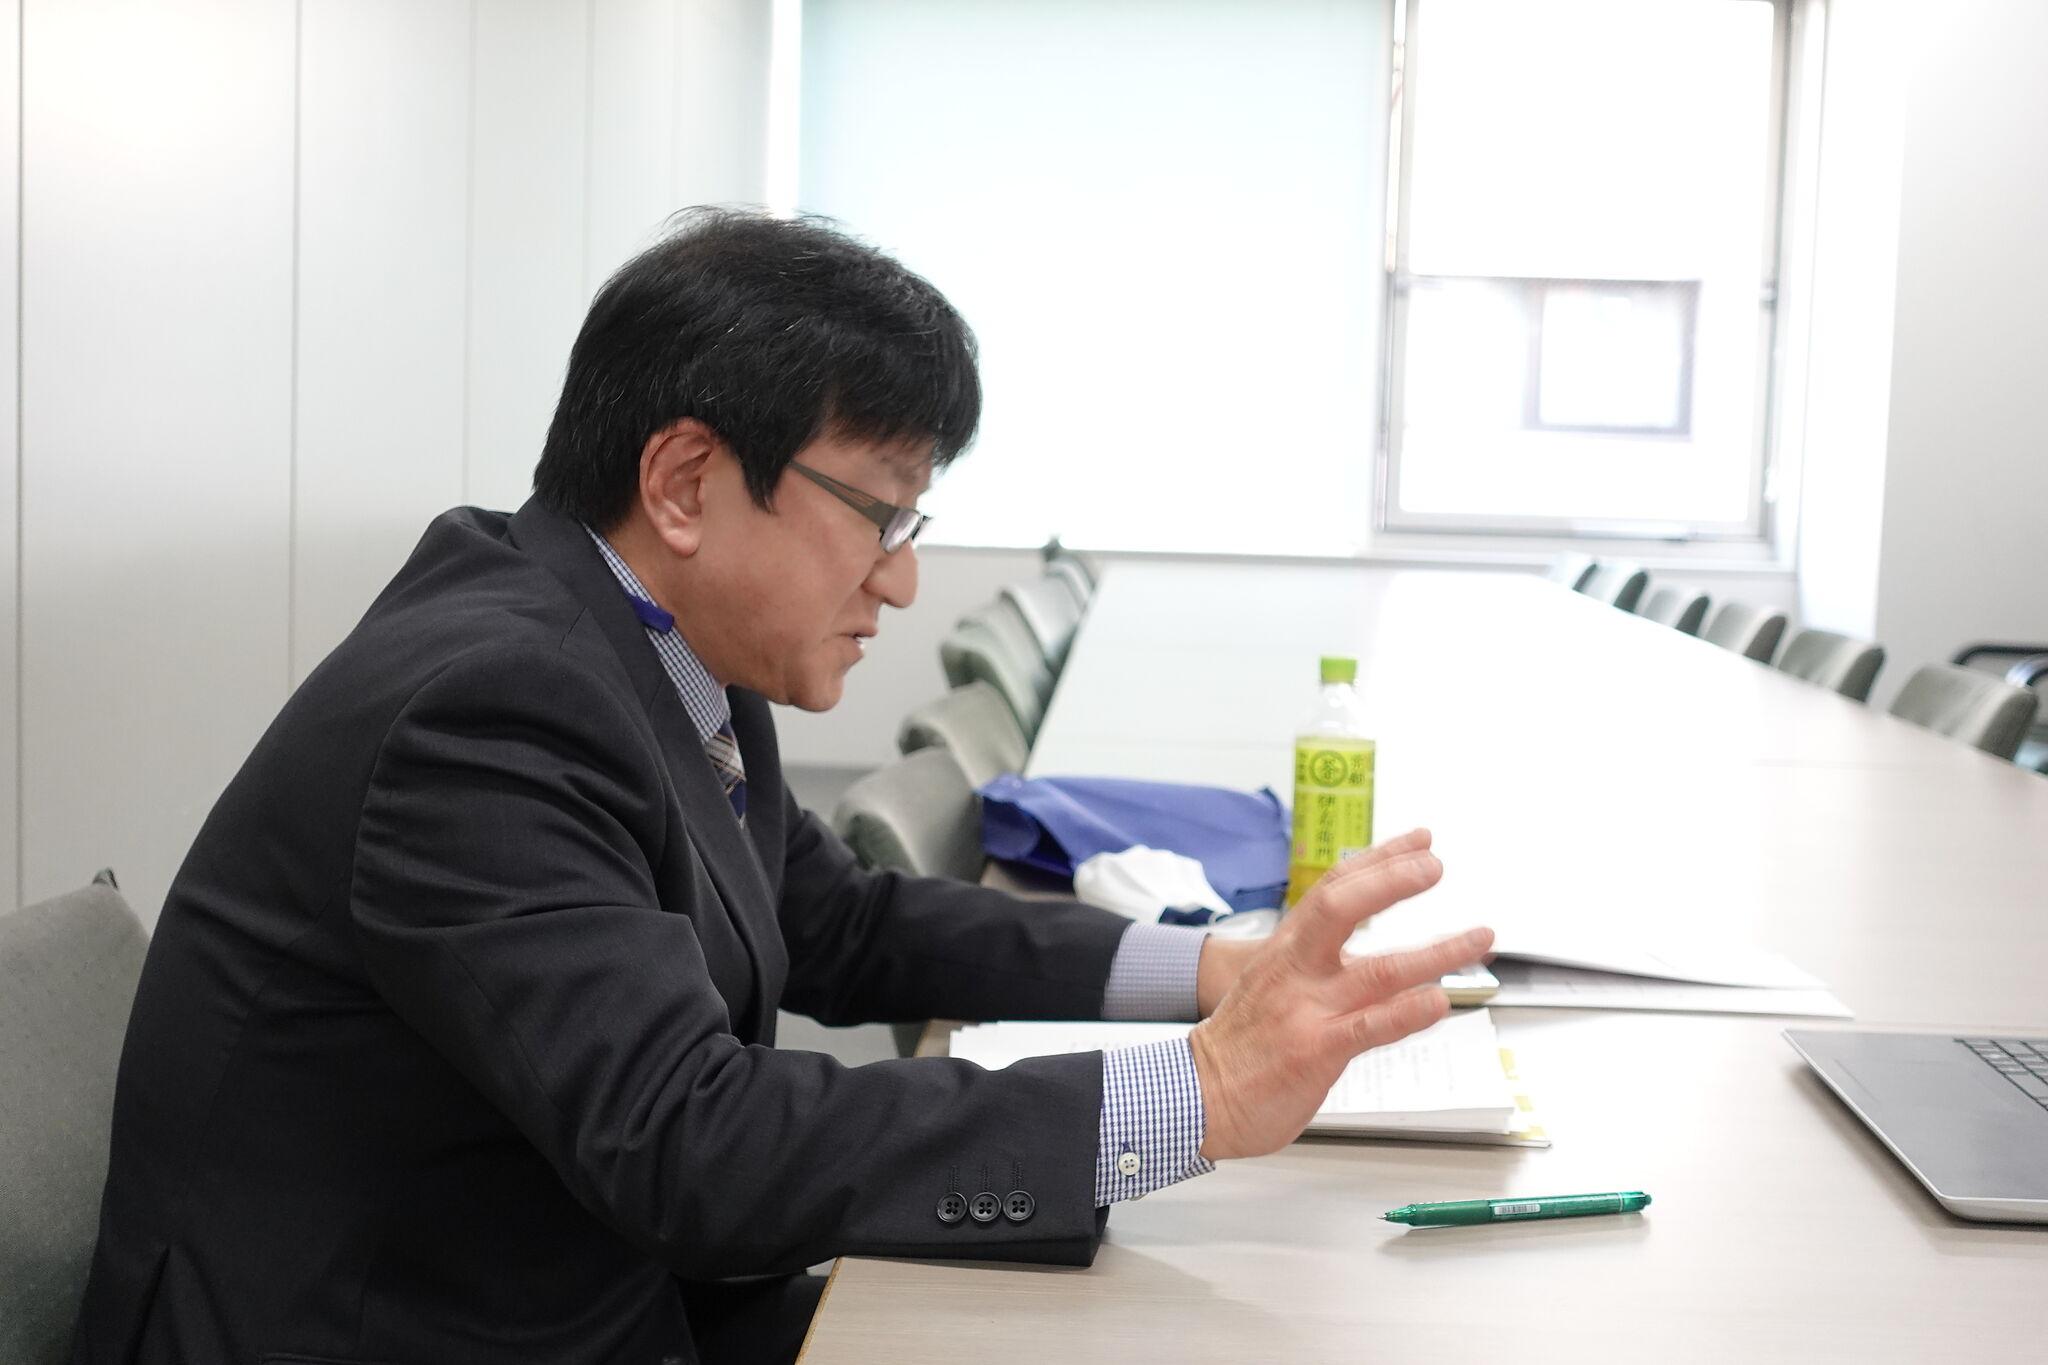 (仮)TAC 簿記 インタビュー 4